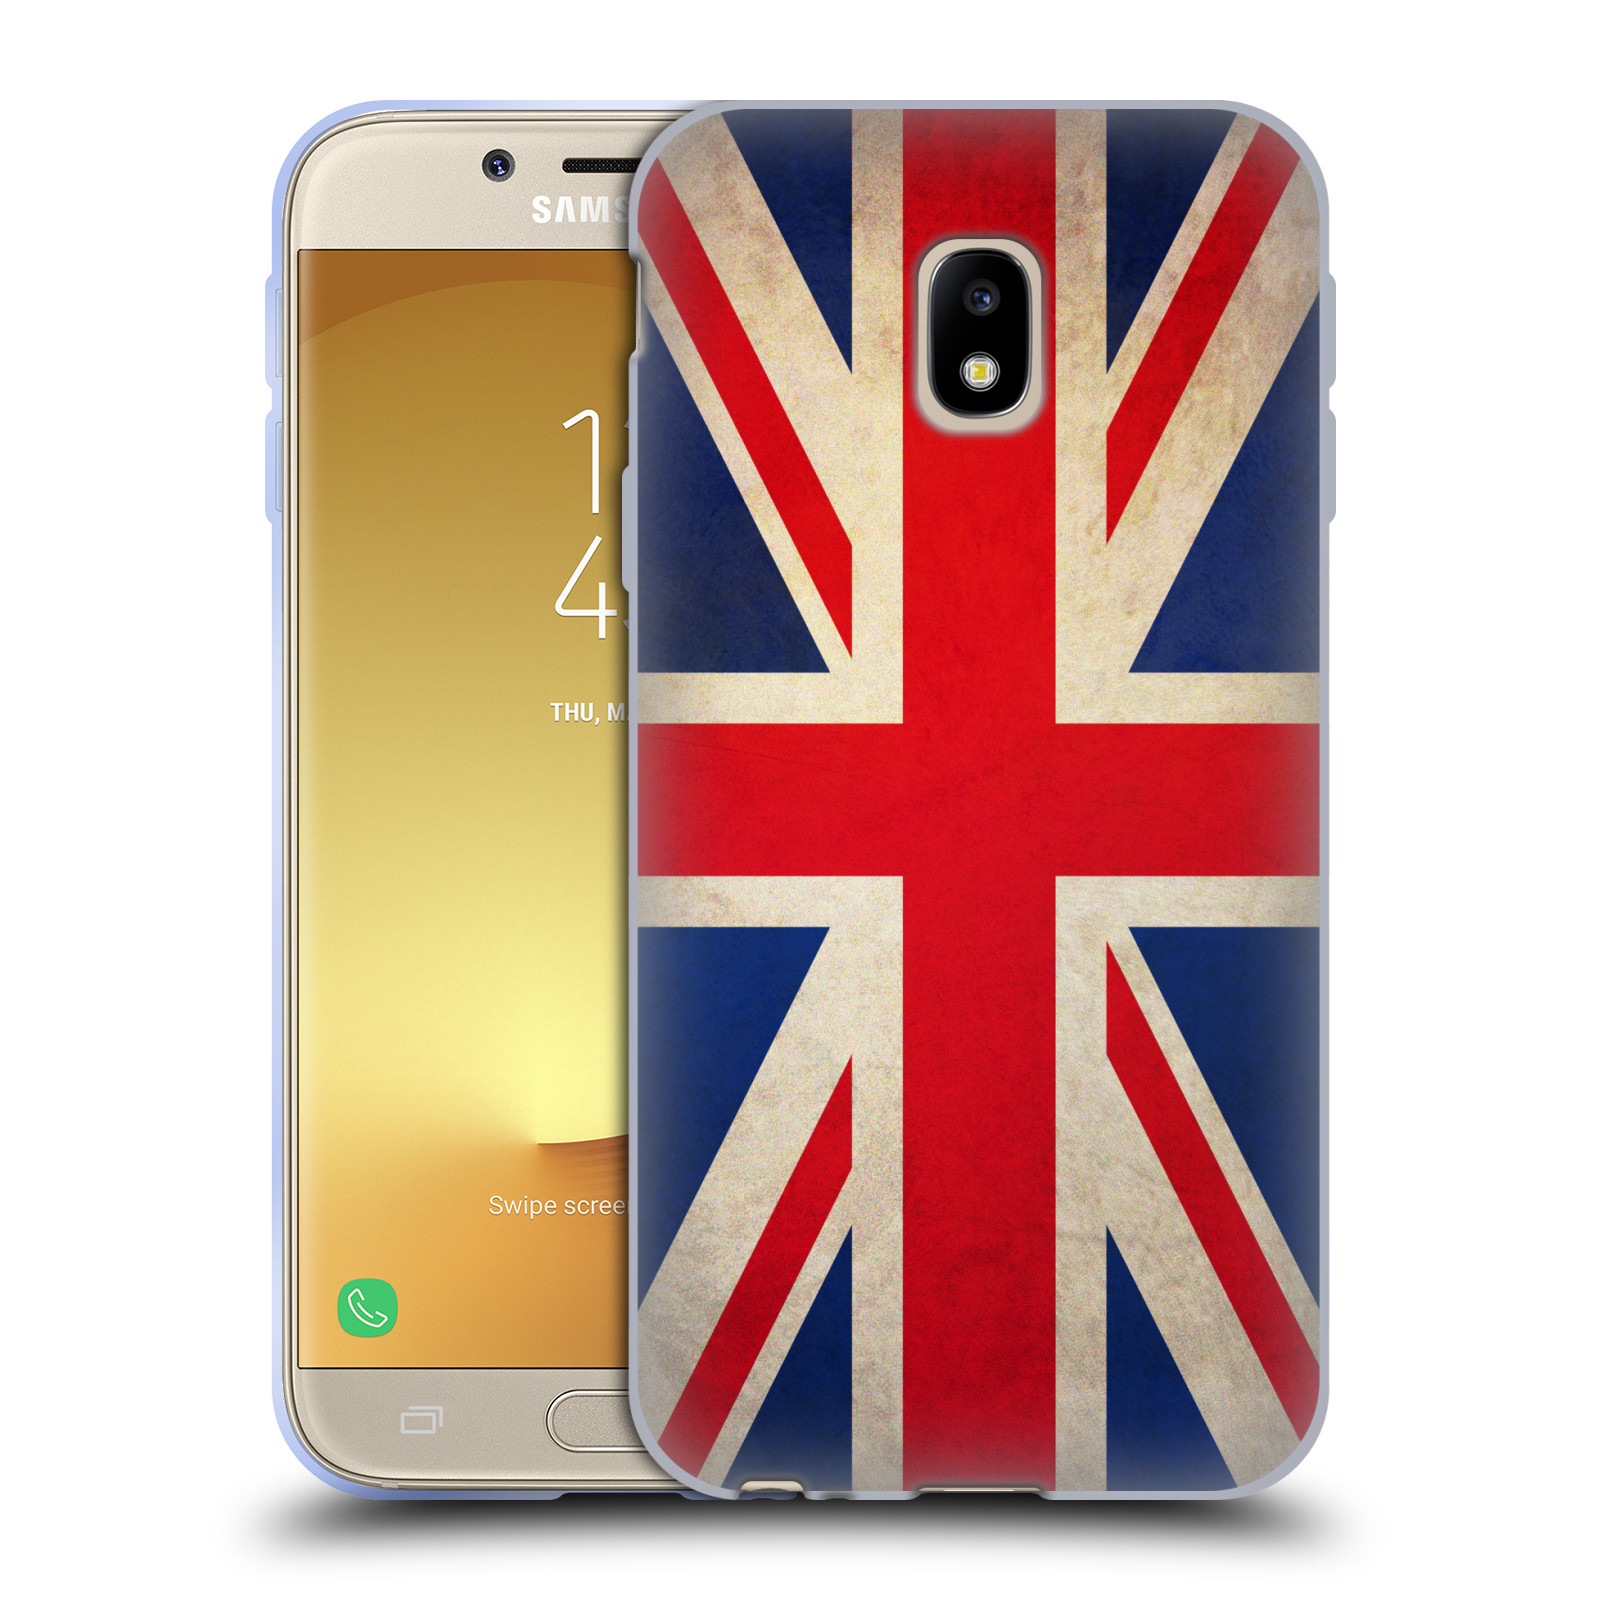 Silikonové pouzdro na mobil Samsung Galaxy J3 (2017) - Head Case - VLAJKA VELKÁ BRITÁNIE